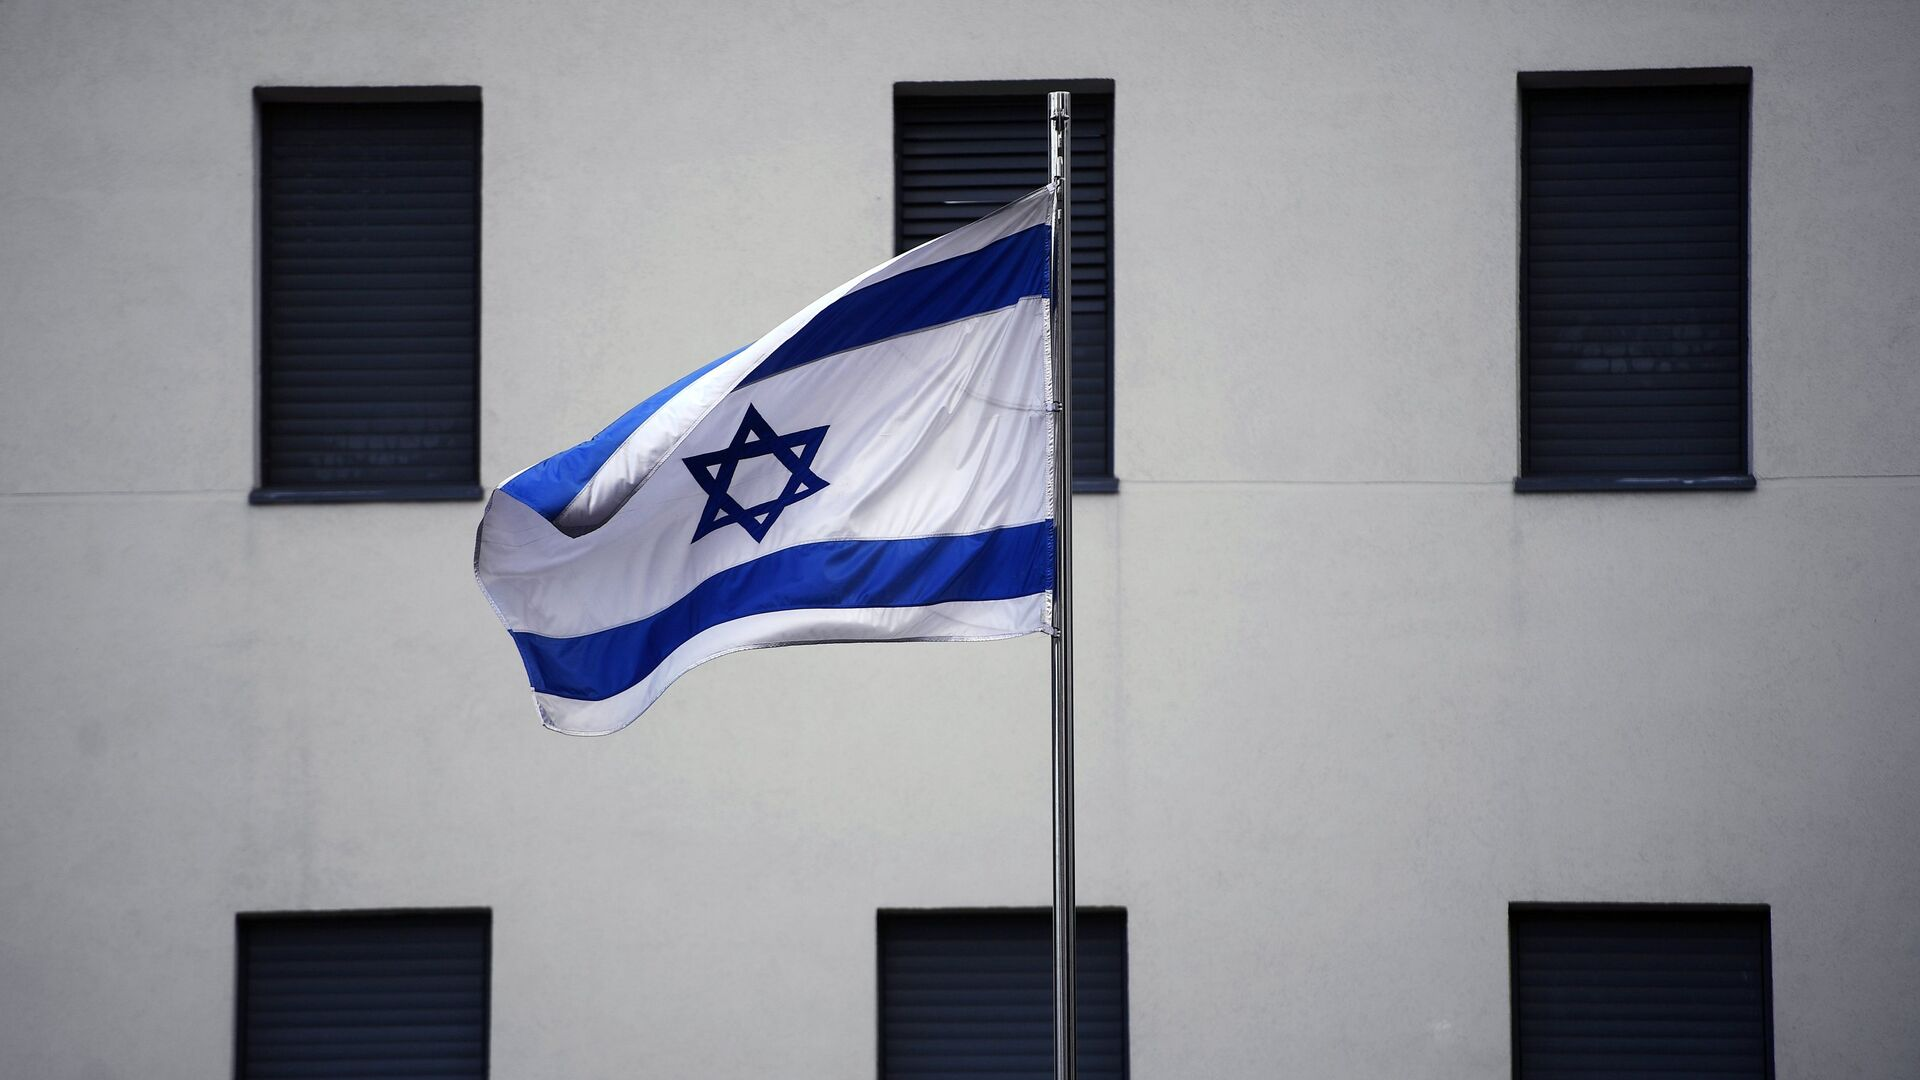 Bandera de Israel en el edificio de la Embajada israelí en Moscú (archivo) - Sputnik Mundo, 1920, 14.03.2021